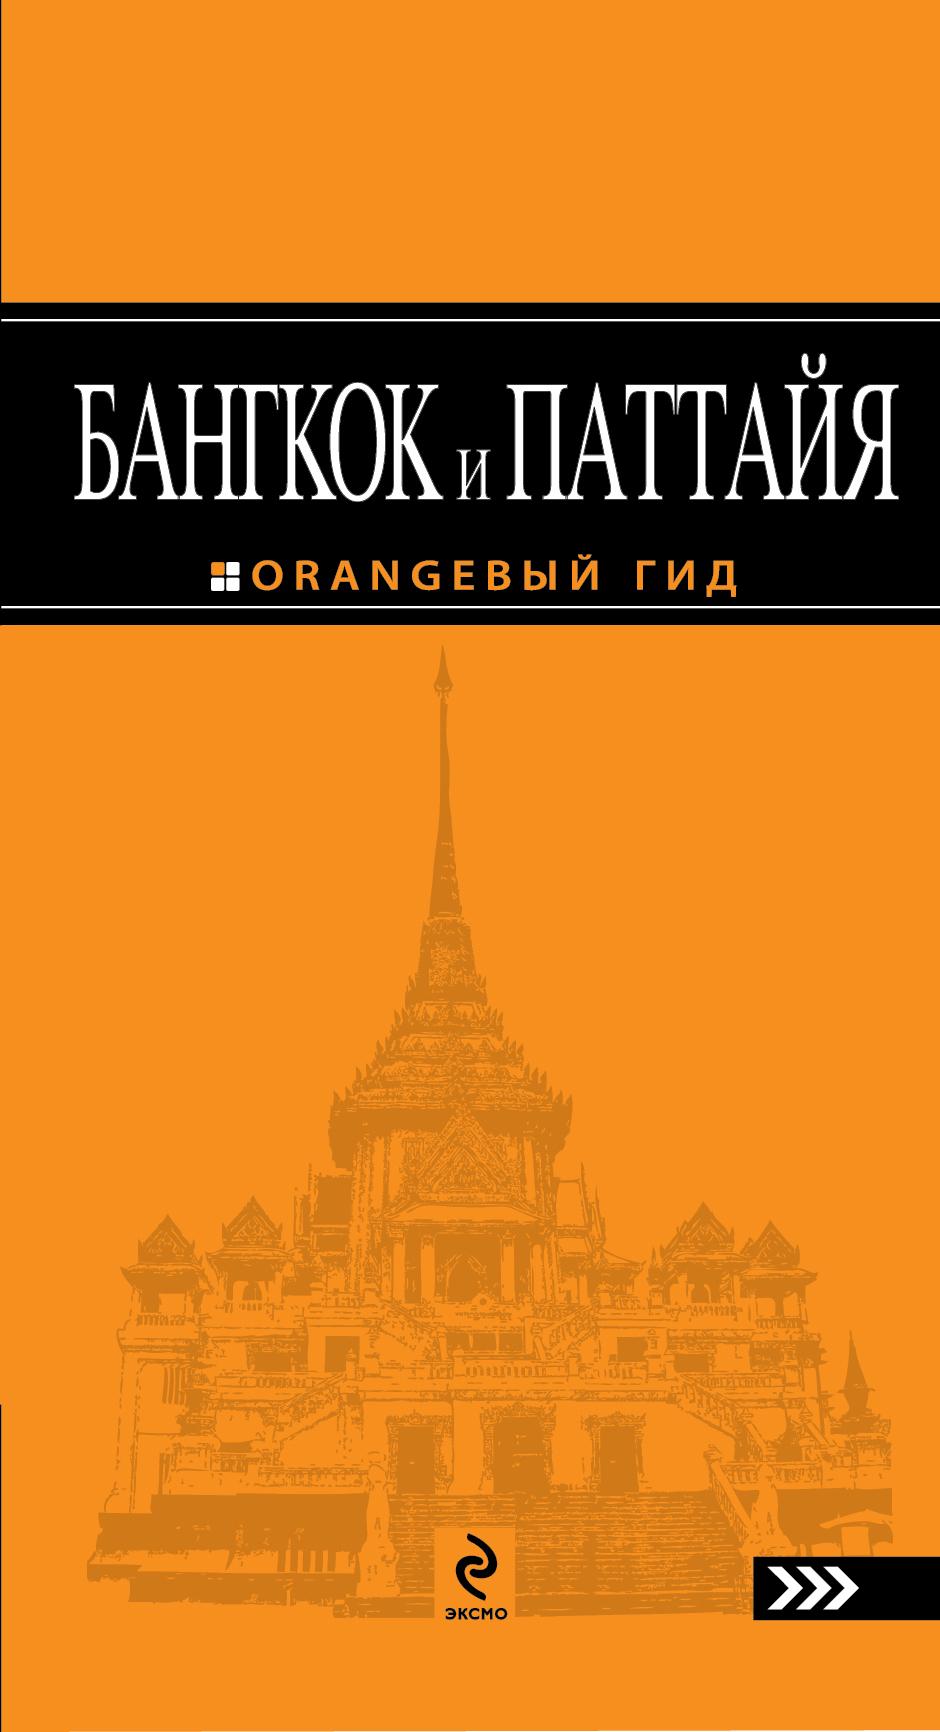 Артур Шигапов и Паттайя: путеводитель